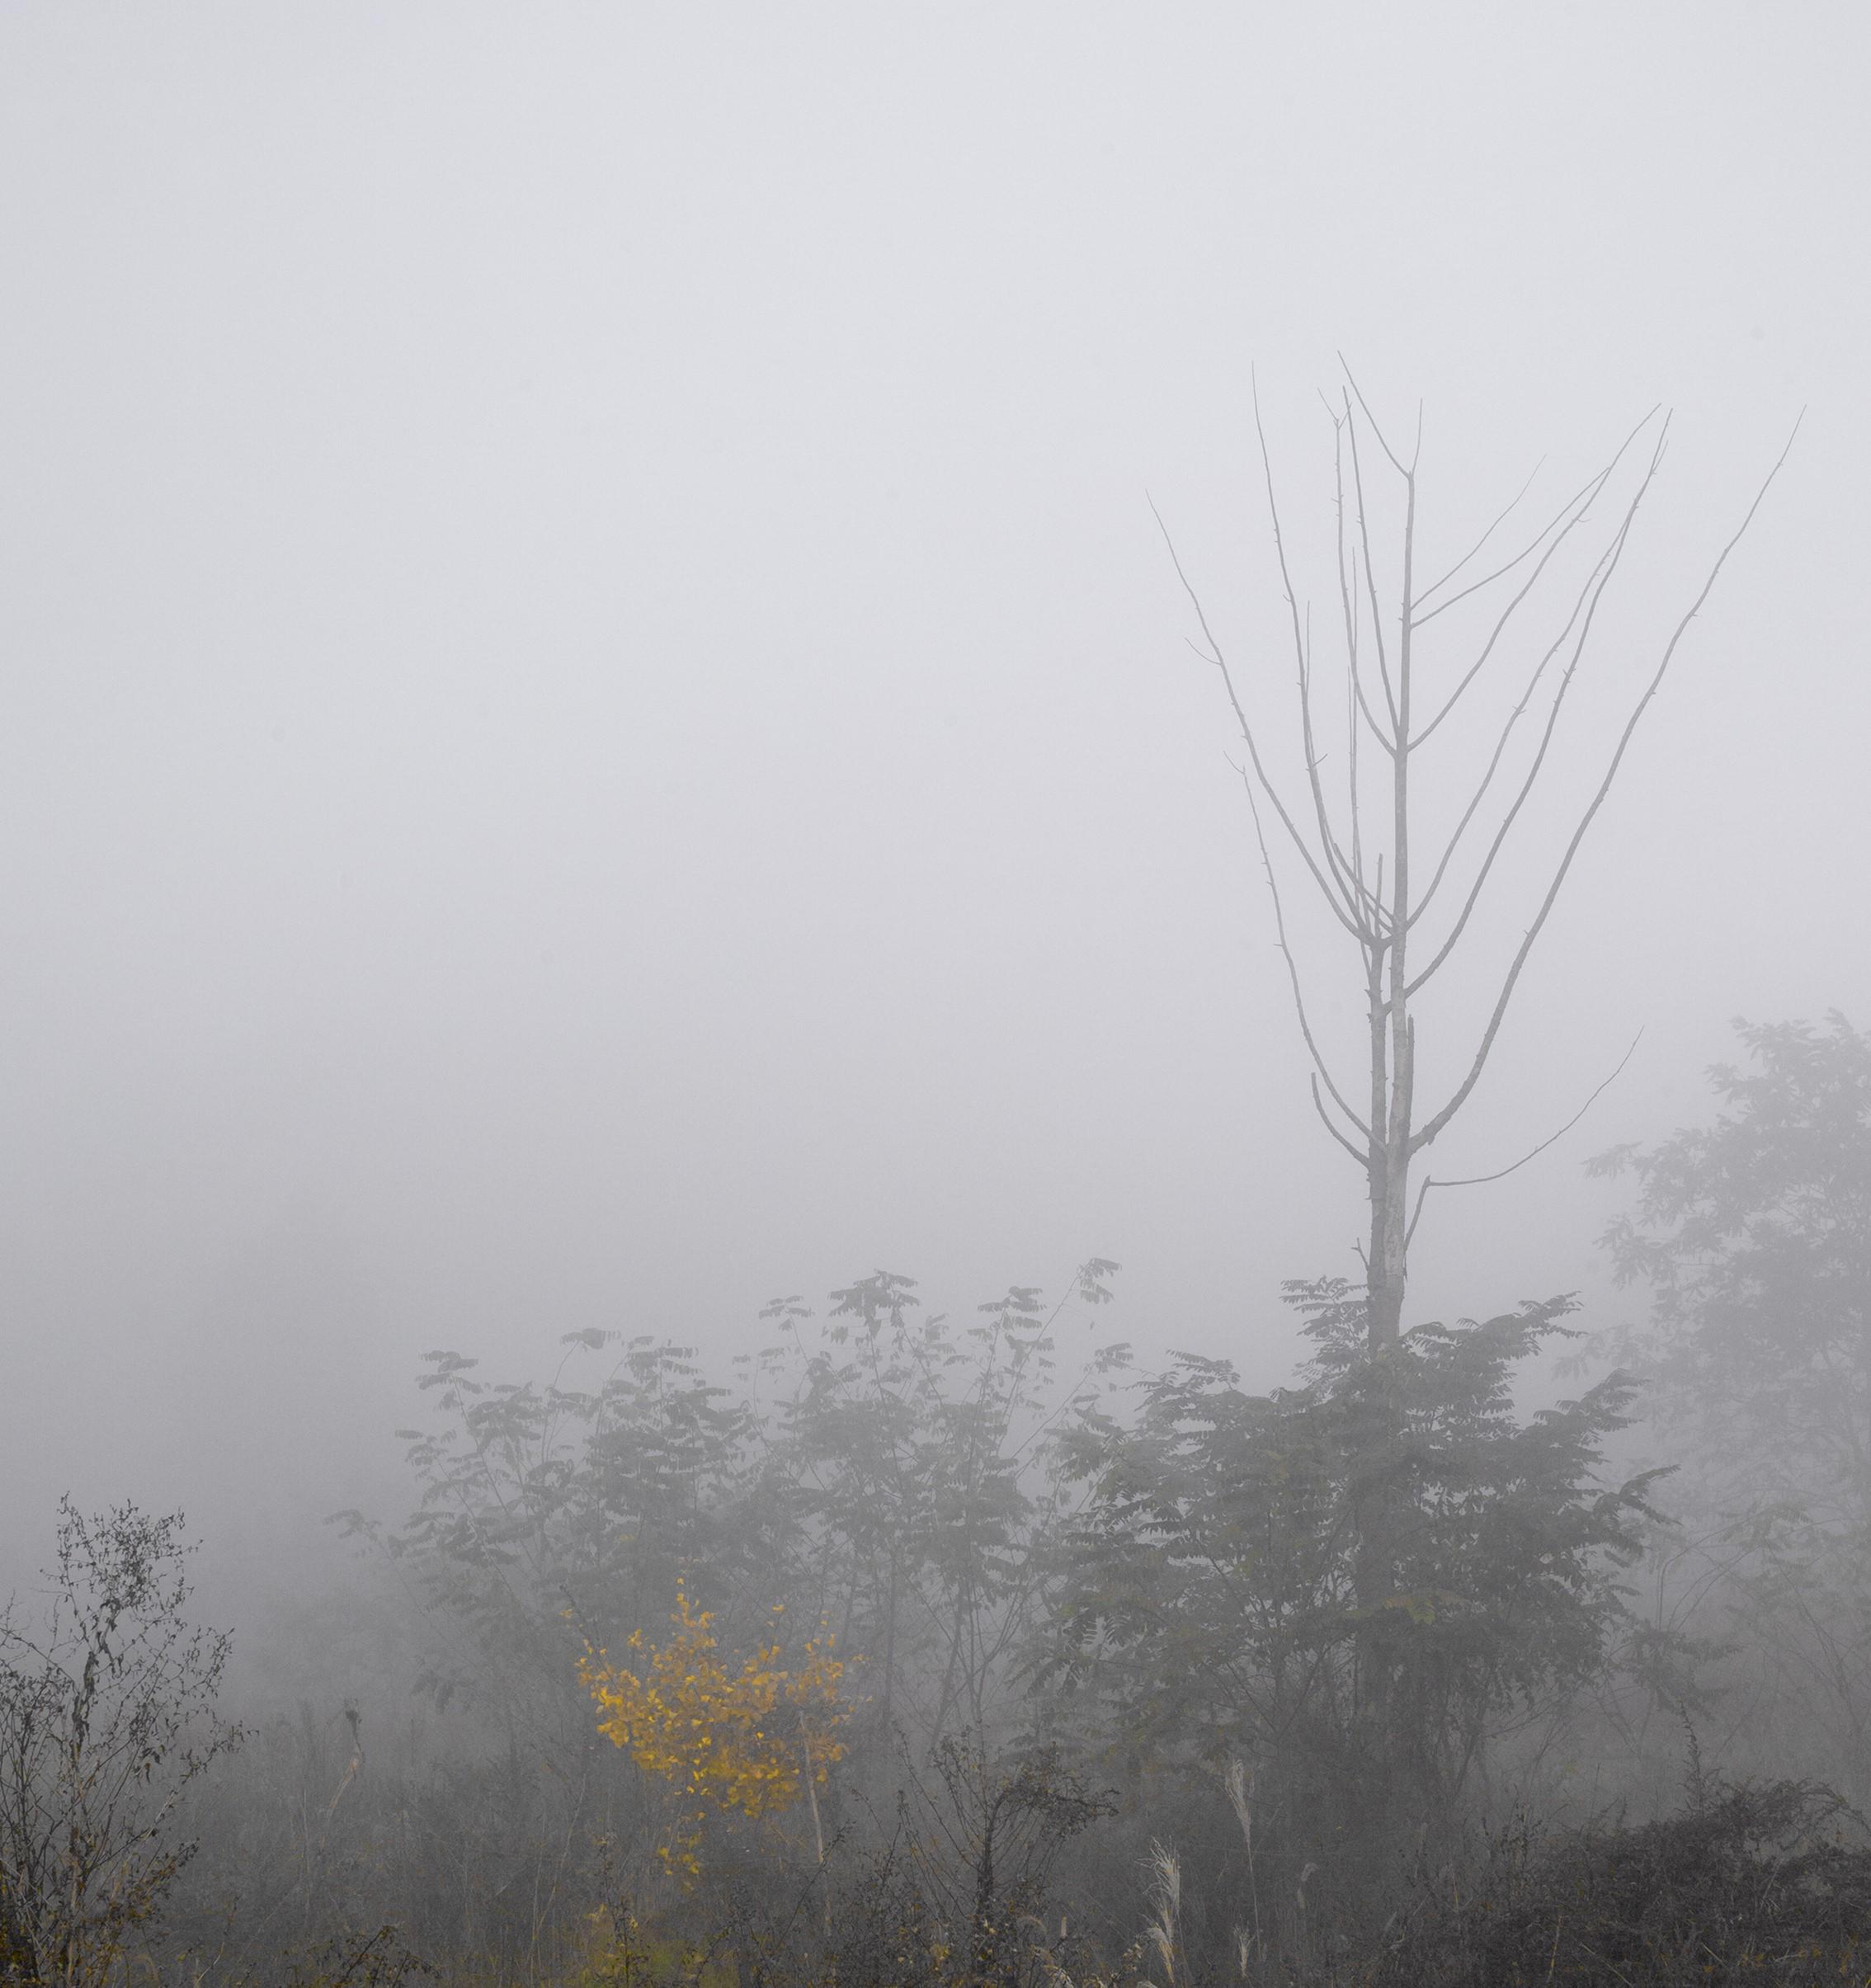 강홍구, 안개와 서리 4, 디지털 프린트, 107x92cm, 2008